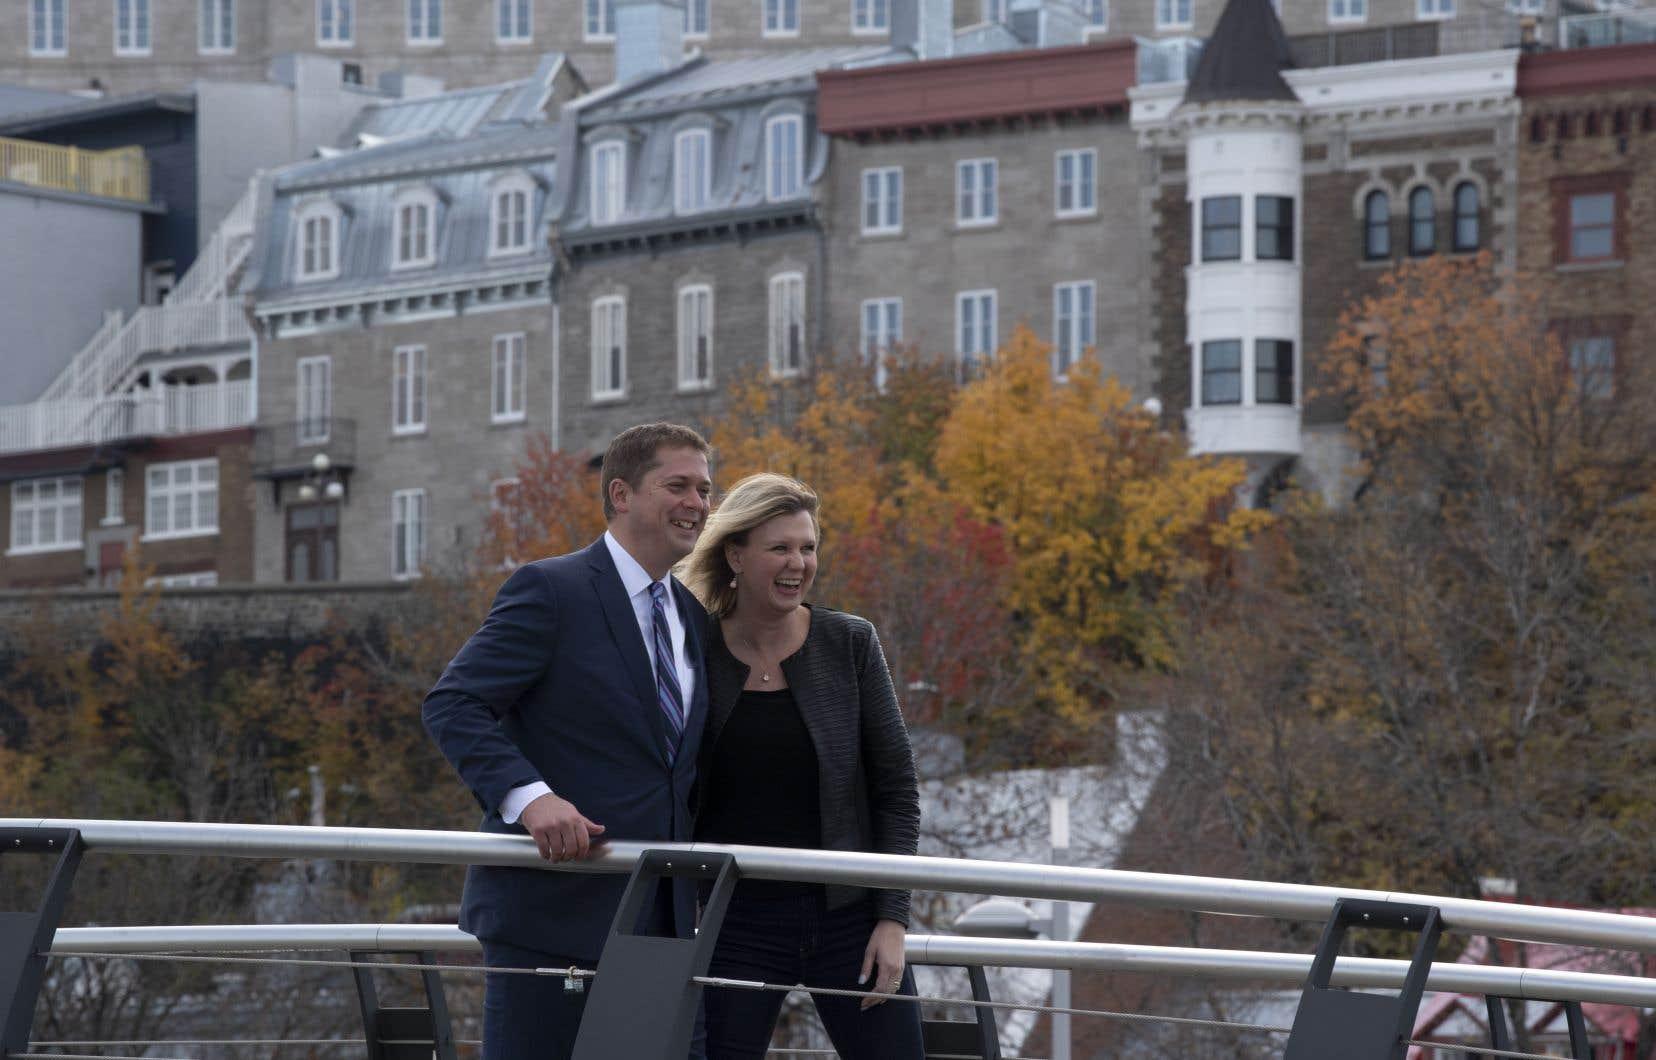 Andrew Scheer, de passage à Québec, continuait, mardi, de démoniser le scénario d'une coalition libérale-néodémocrate qui, selon lui, conduirait à des augmentations de taxes et de déficits.